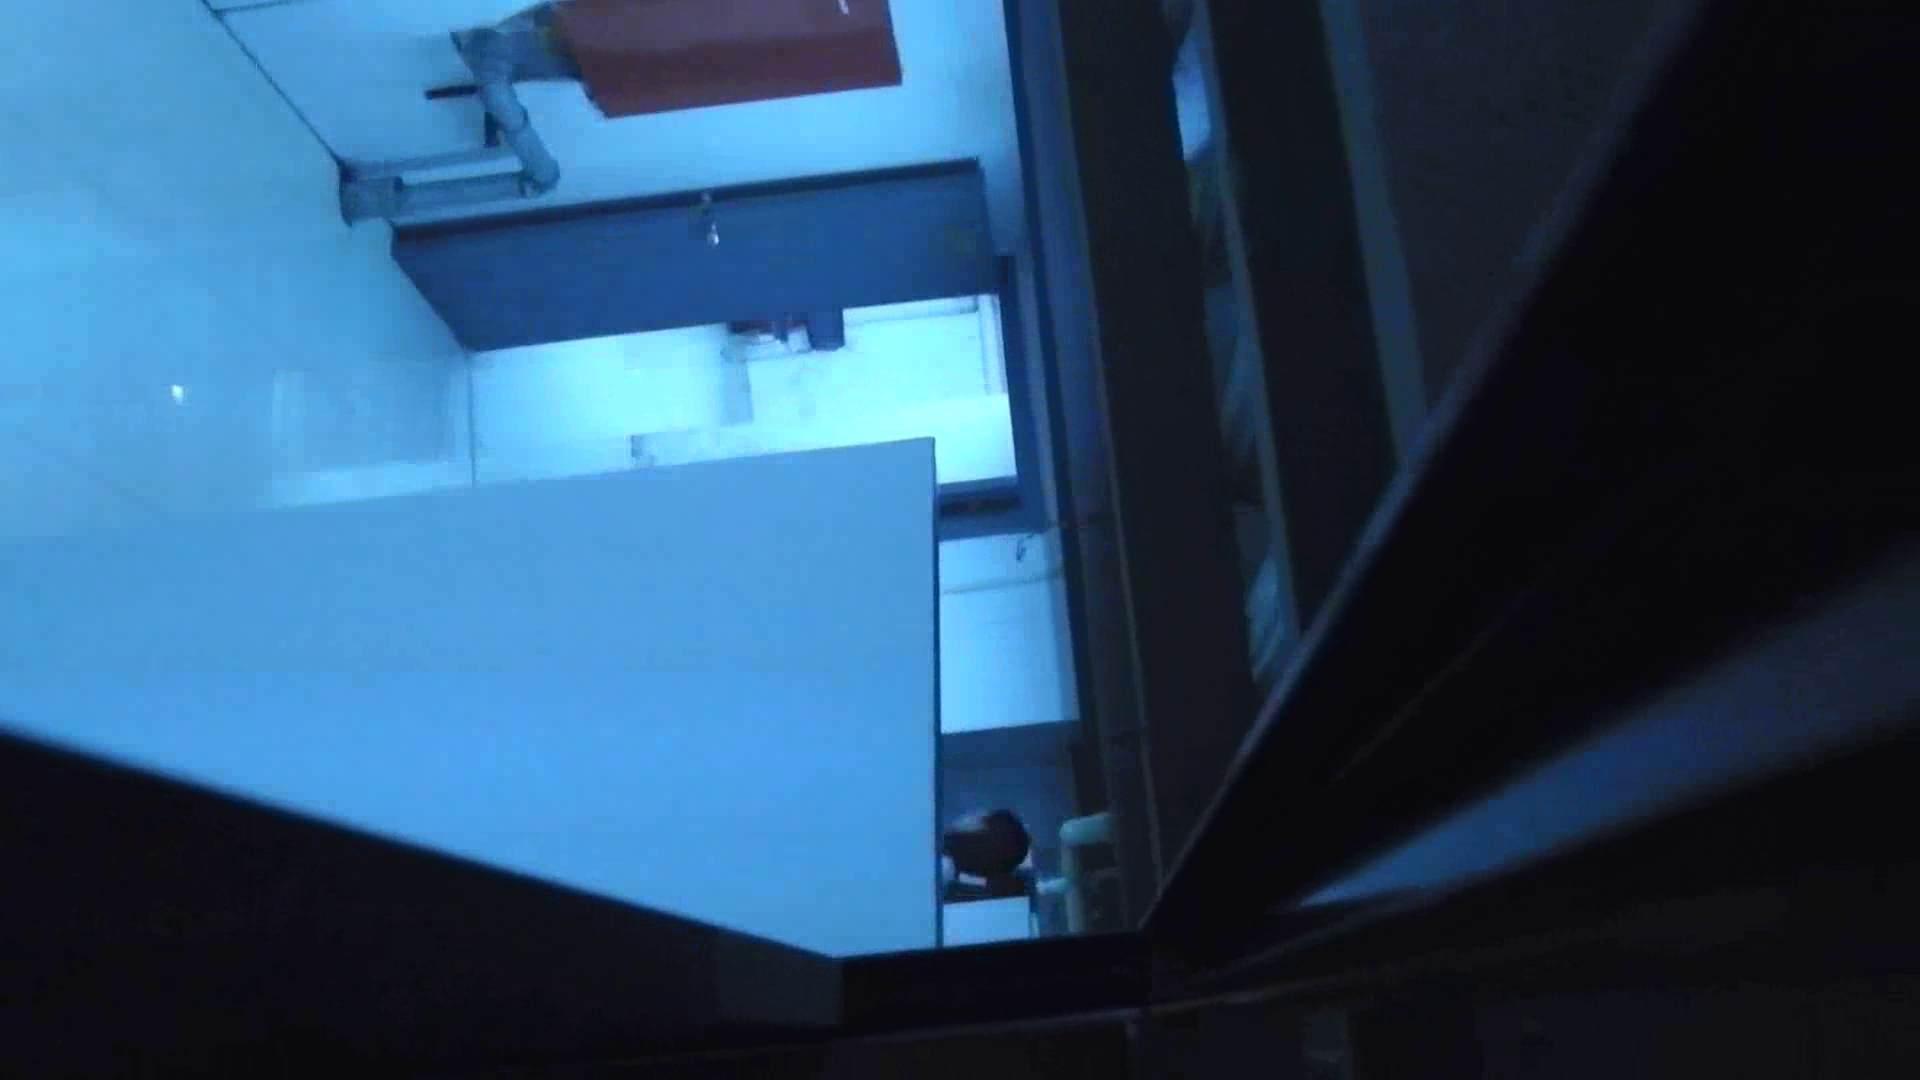 世界の射窓から vol.42 可愛い顔して実は惨事な件 丸見え エロ画像 107画像 18